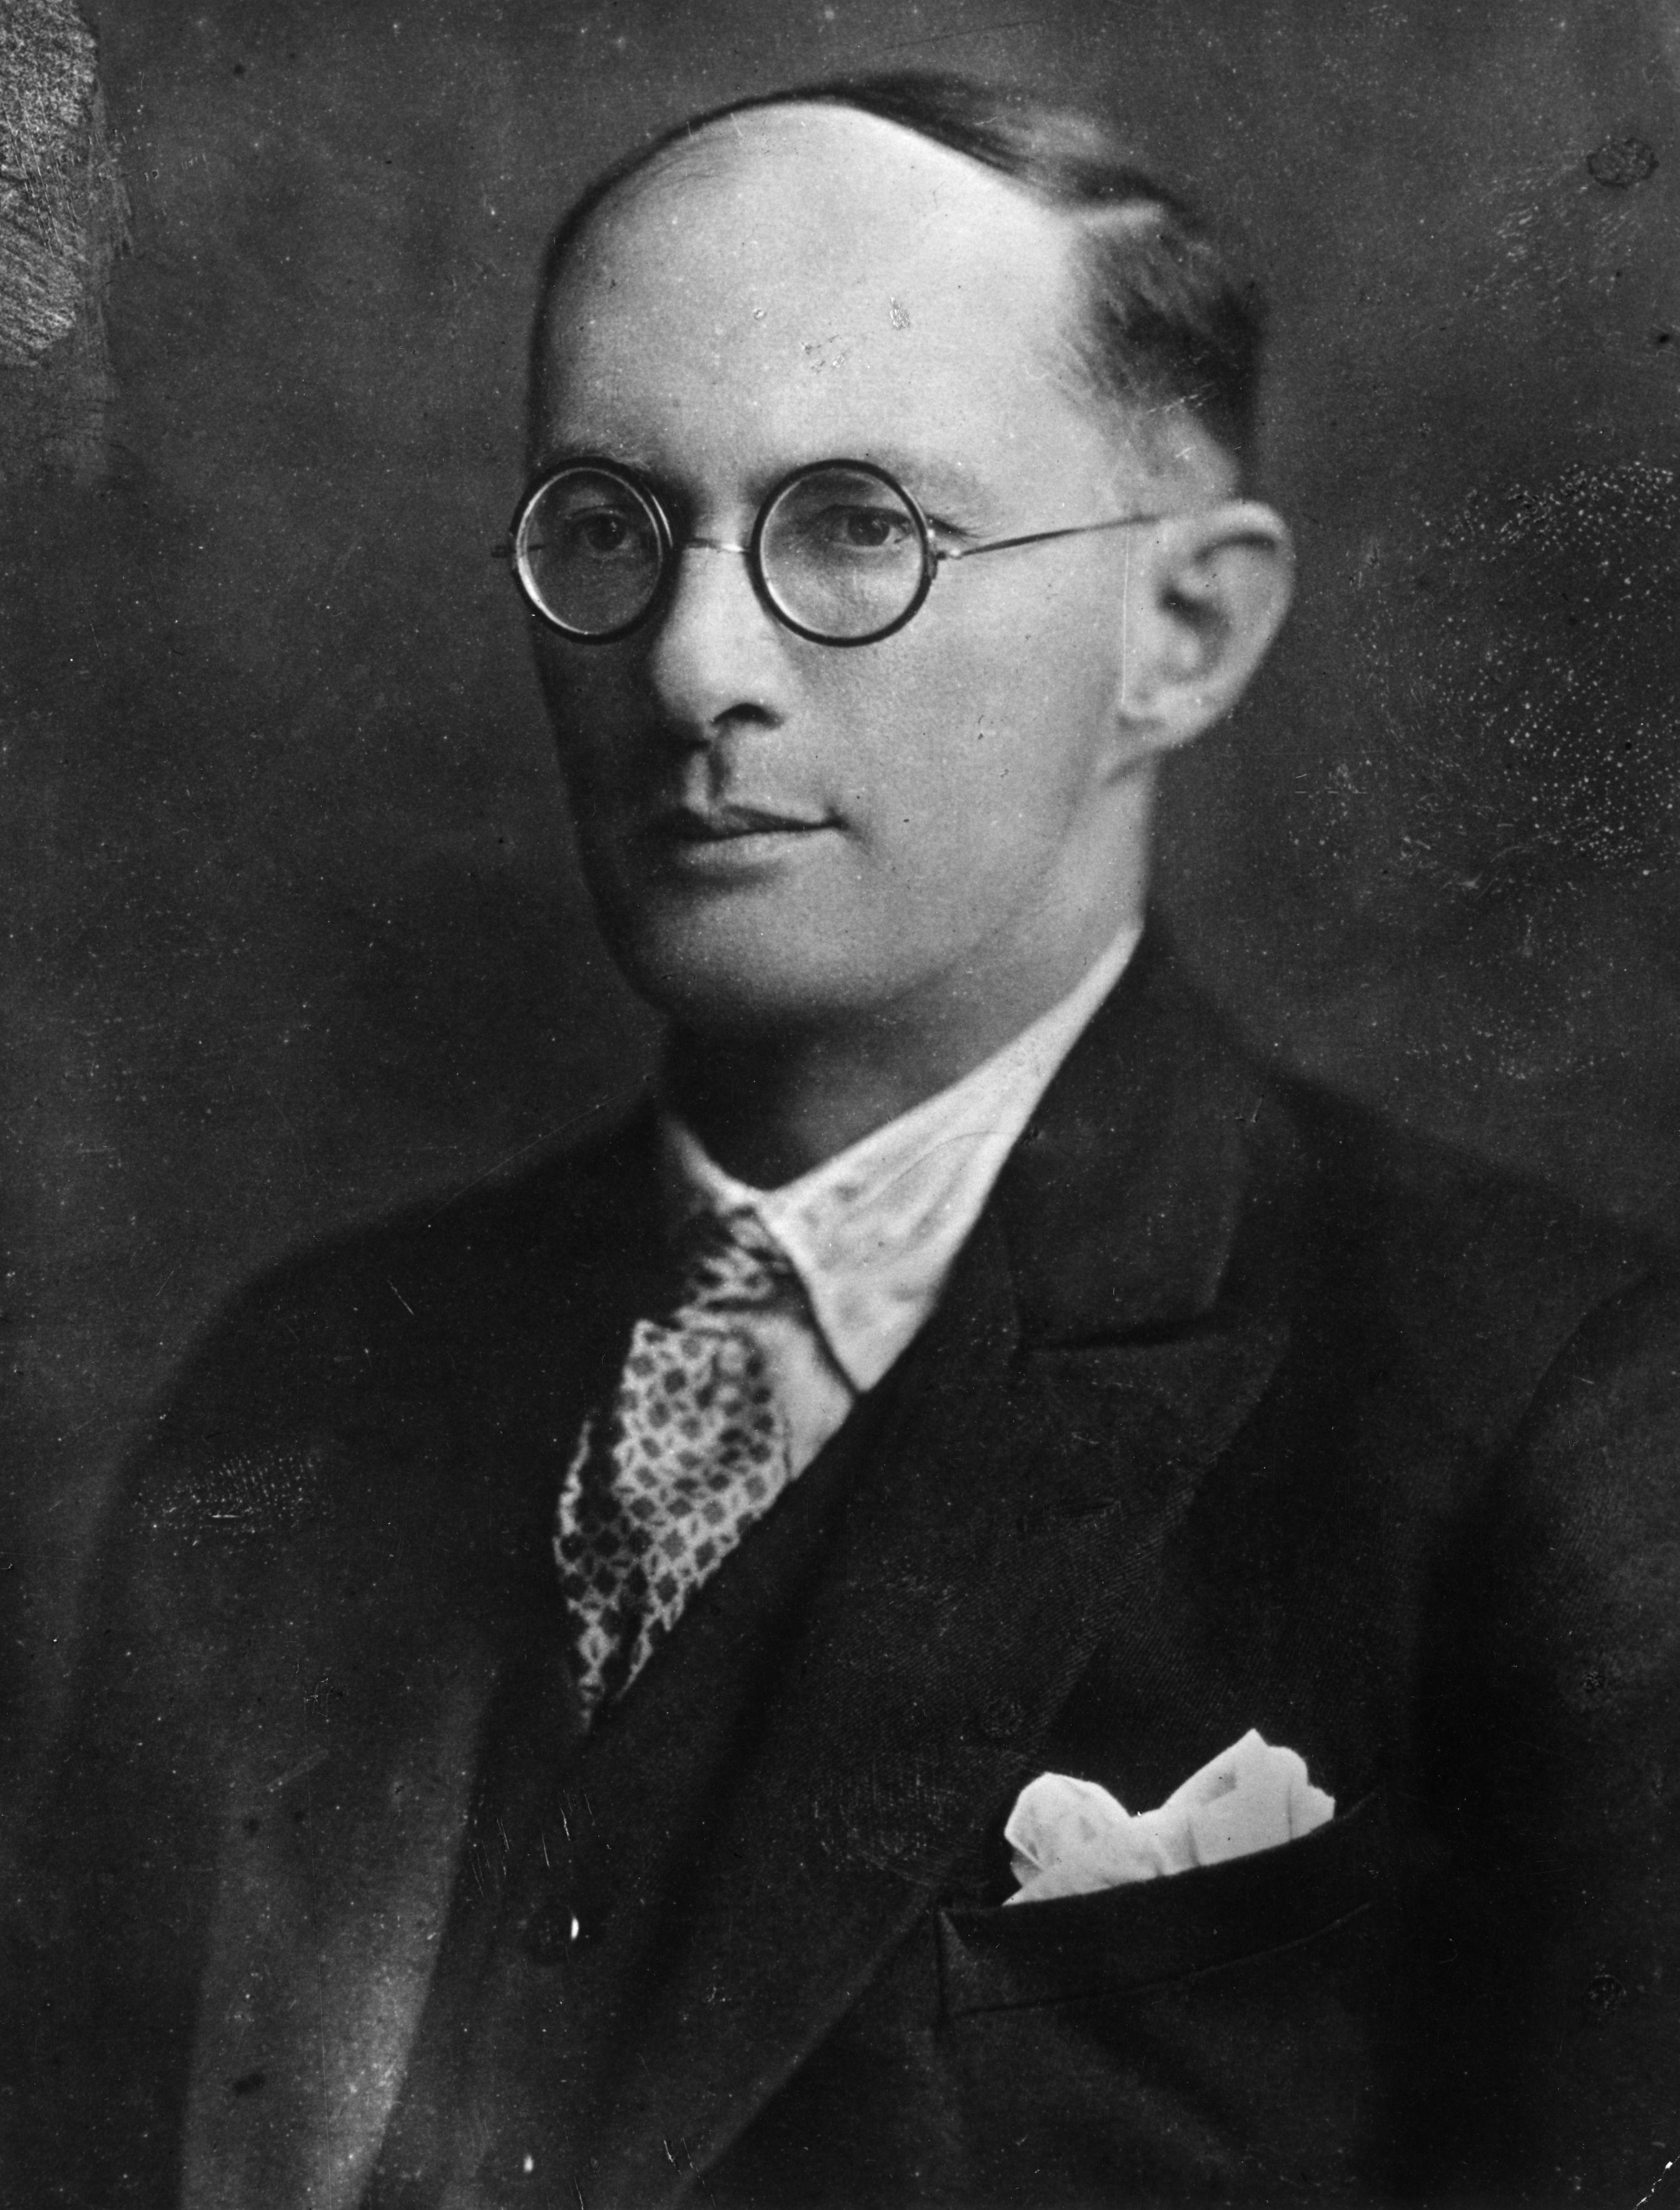 Bronislaw Malinowski (1884-1942) antropologo britannico d'origine polacca. Foto di Hulton-Deutsch Collection/CORBIS/Corbis via Getty Images.